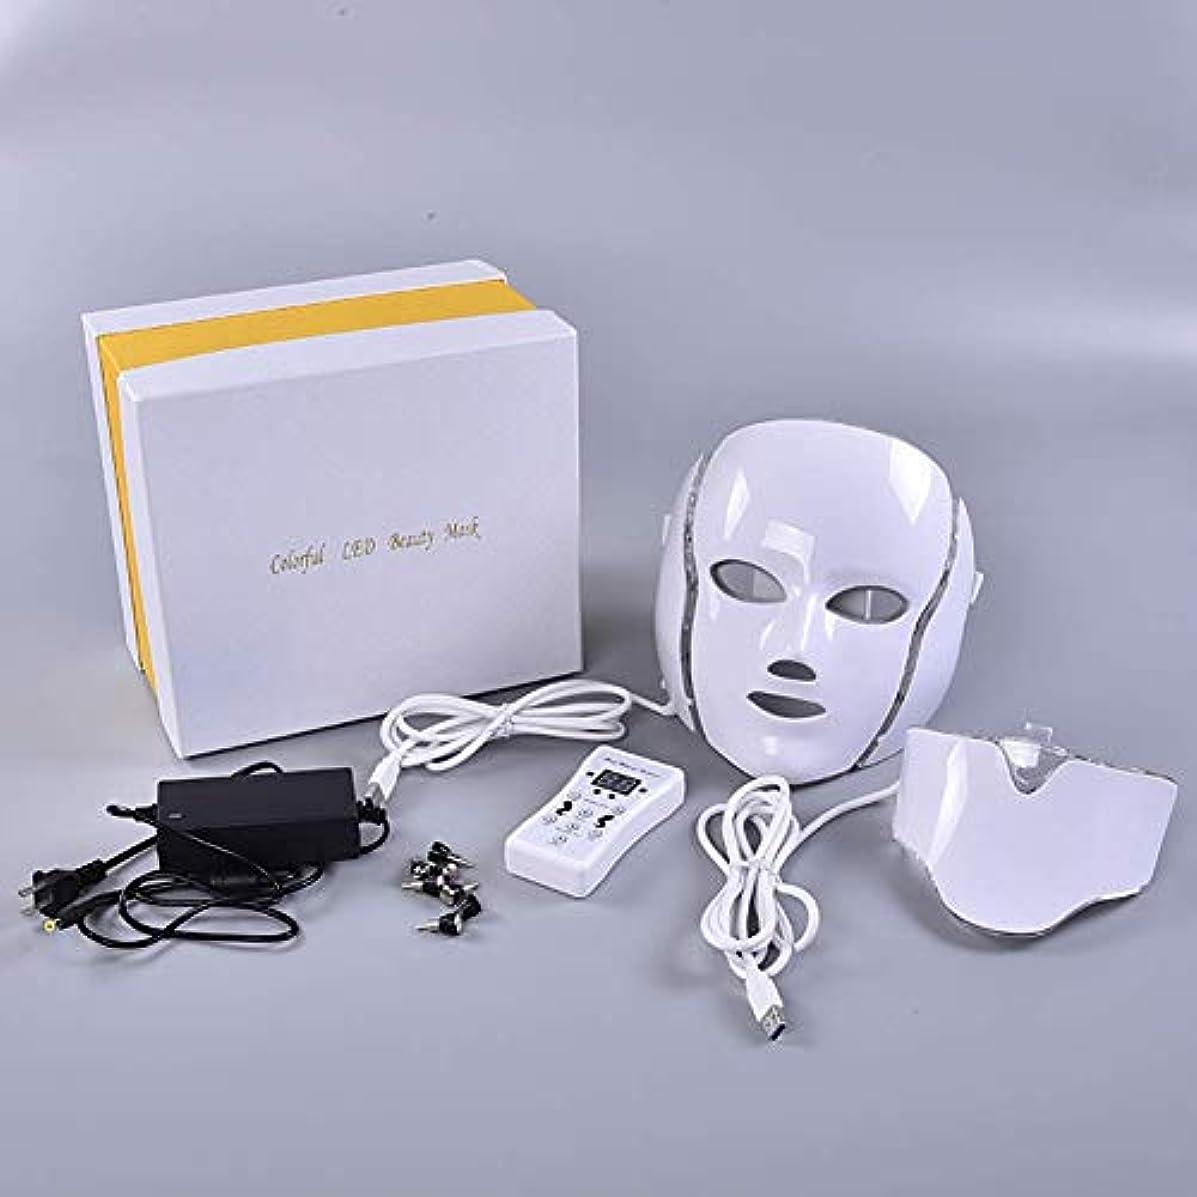 過言残酷な弱めるLed肌光線療法器具、7色ledライト光子ネオン白熱フェイシャルライト肌の若返りledフェイスマスクケア治療美容